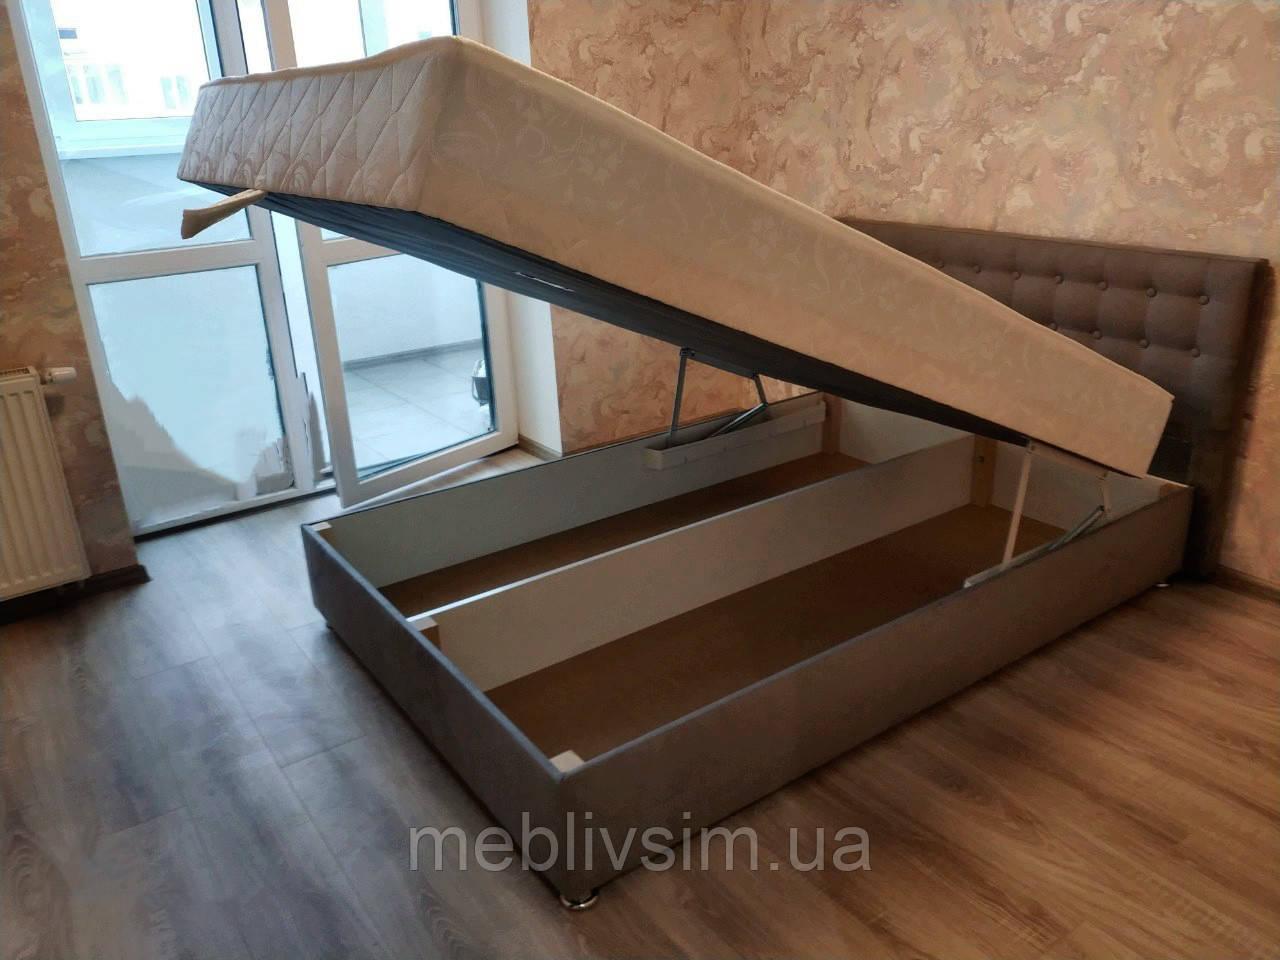 Кровать Альянс Камила 1,4 в обивке под замш мышиного цвета с матрасом и подъёмным механизмом с пуговицами